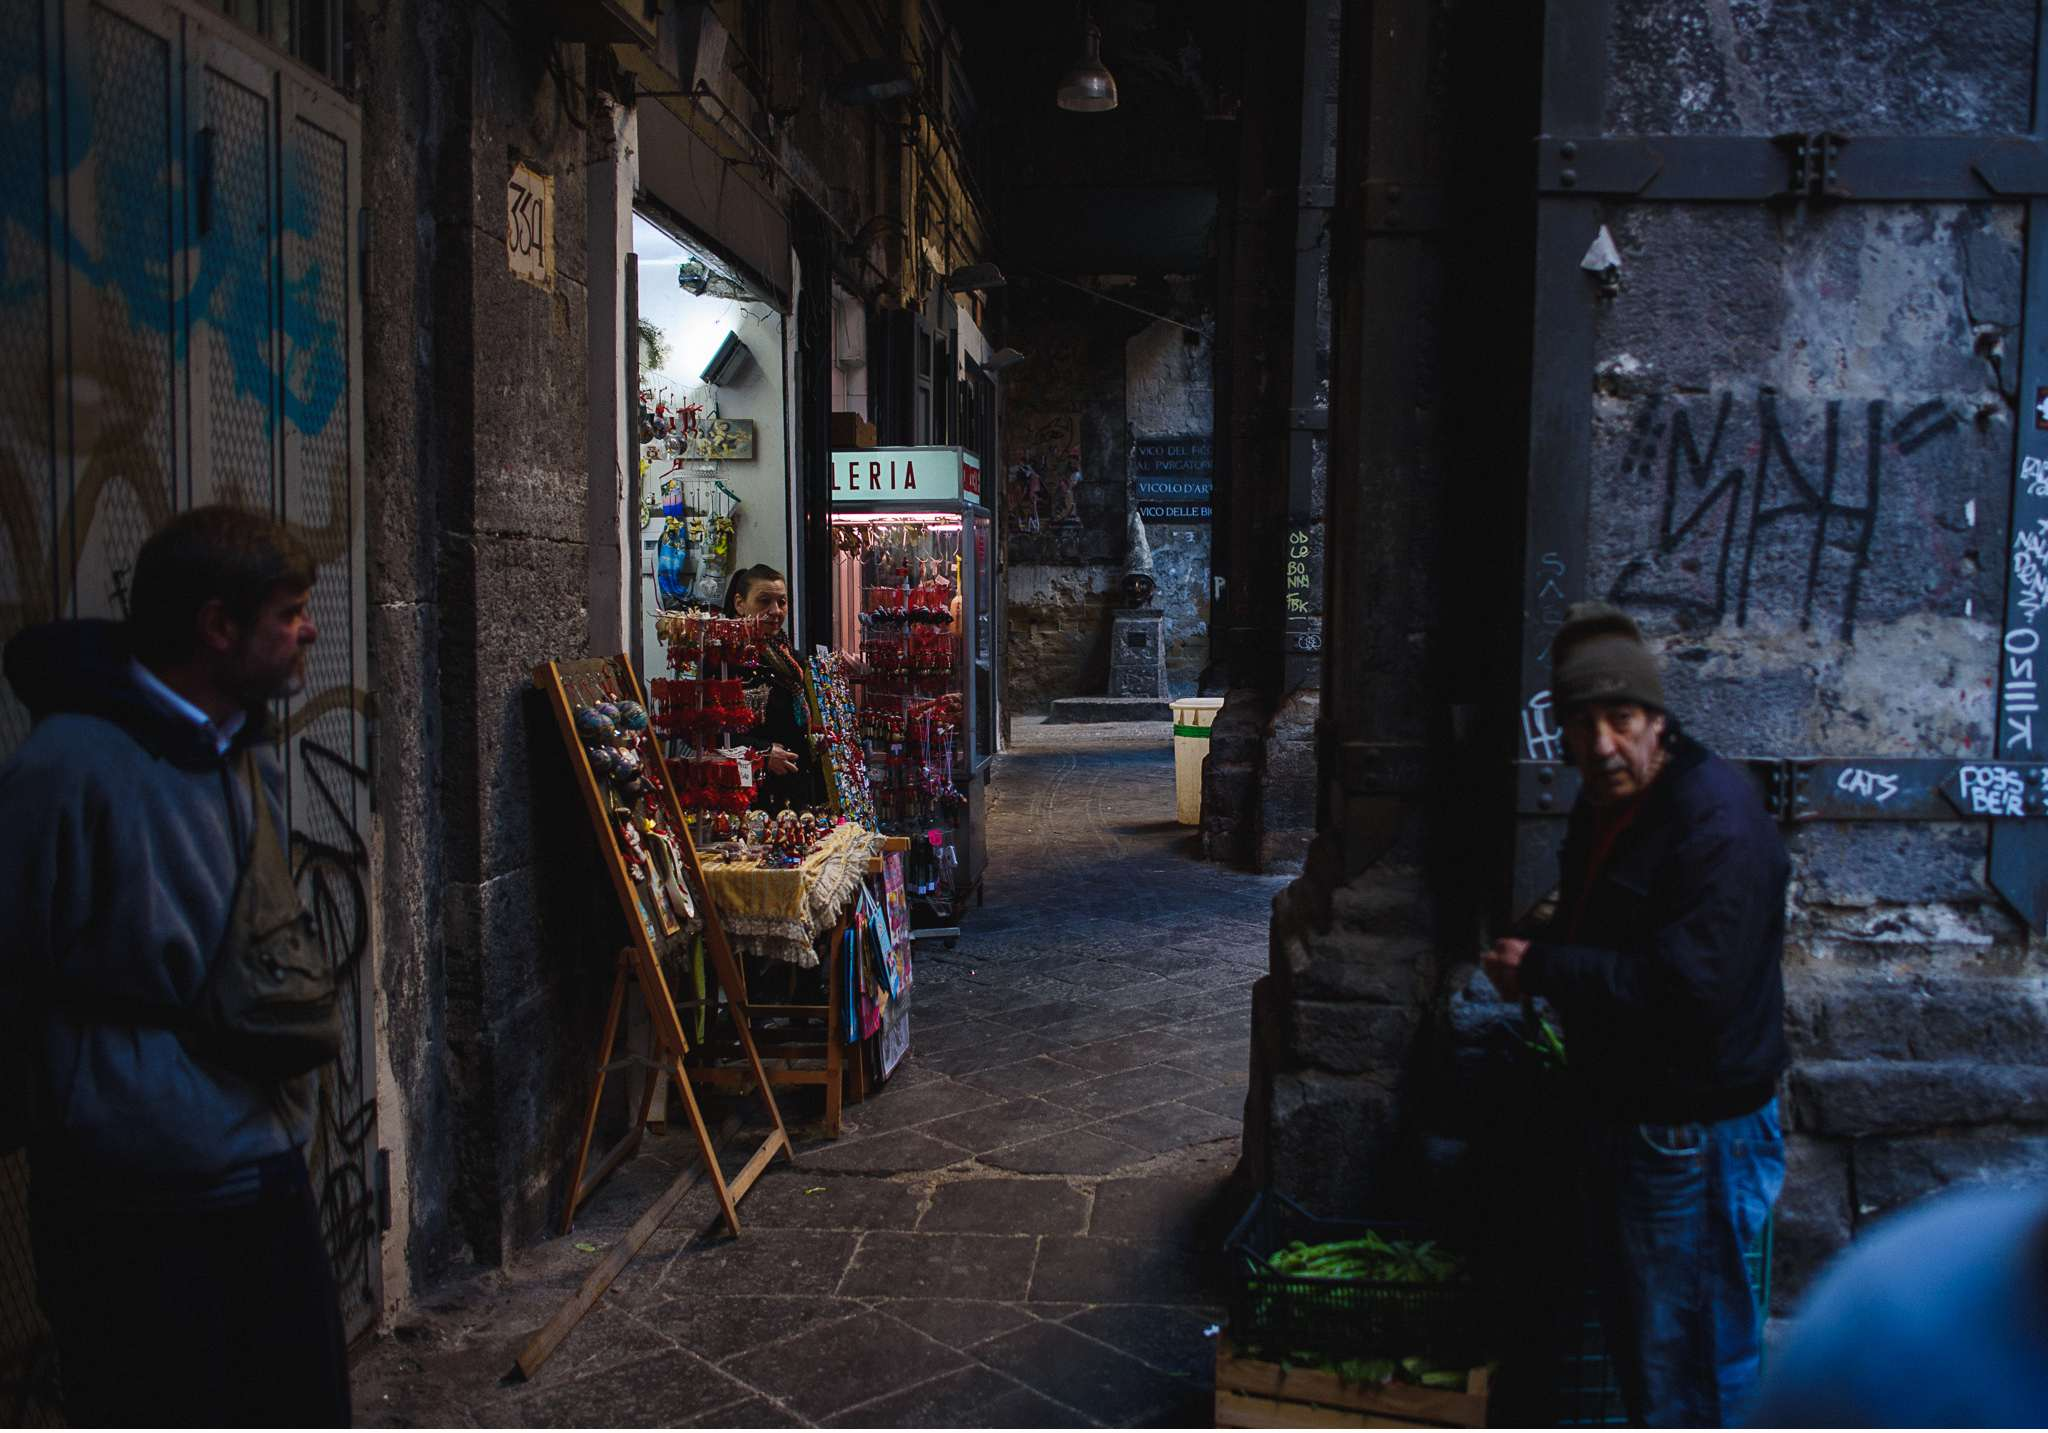 Interrail Reise - Italien Neapel - Geschichten von unterwegs - Foto Daniel Kempf-Seifried-22